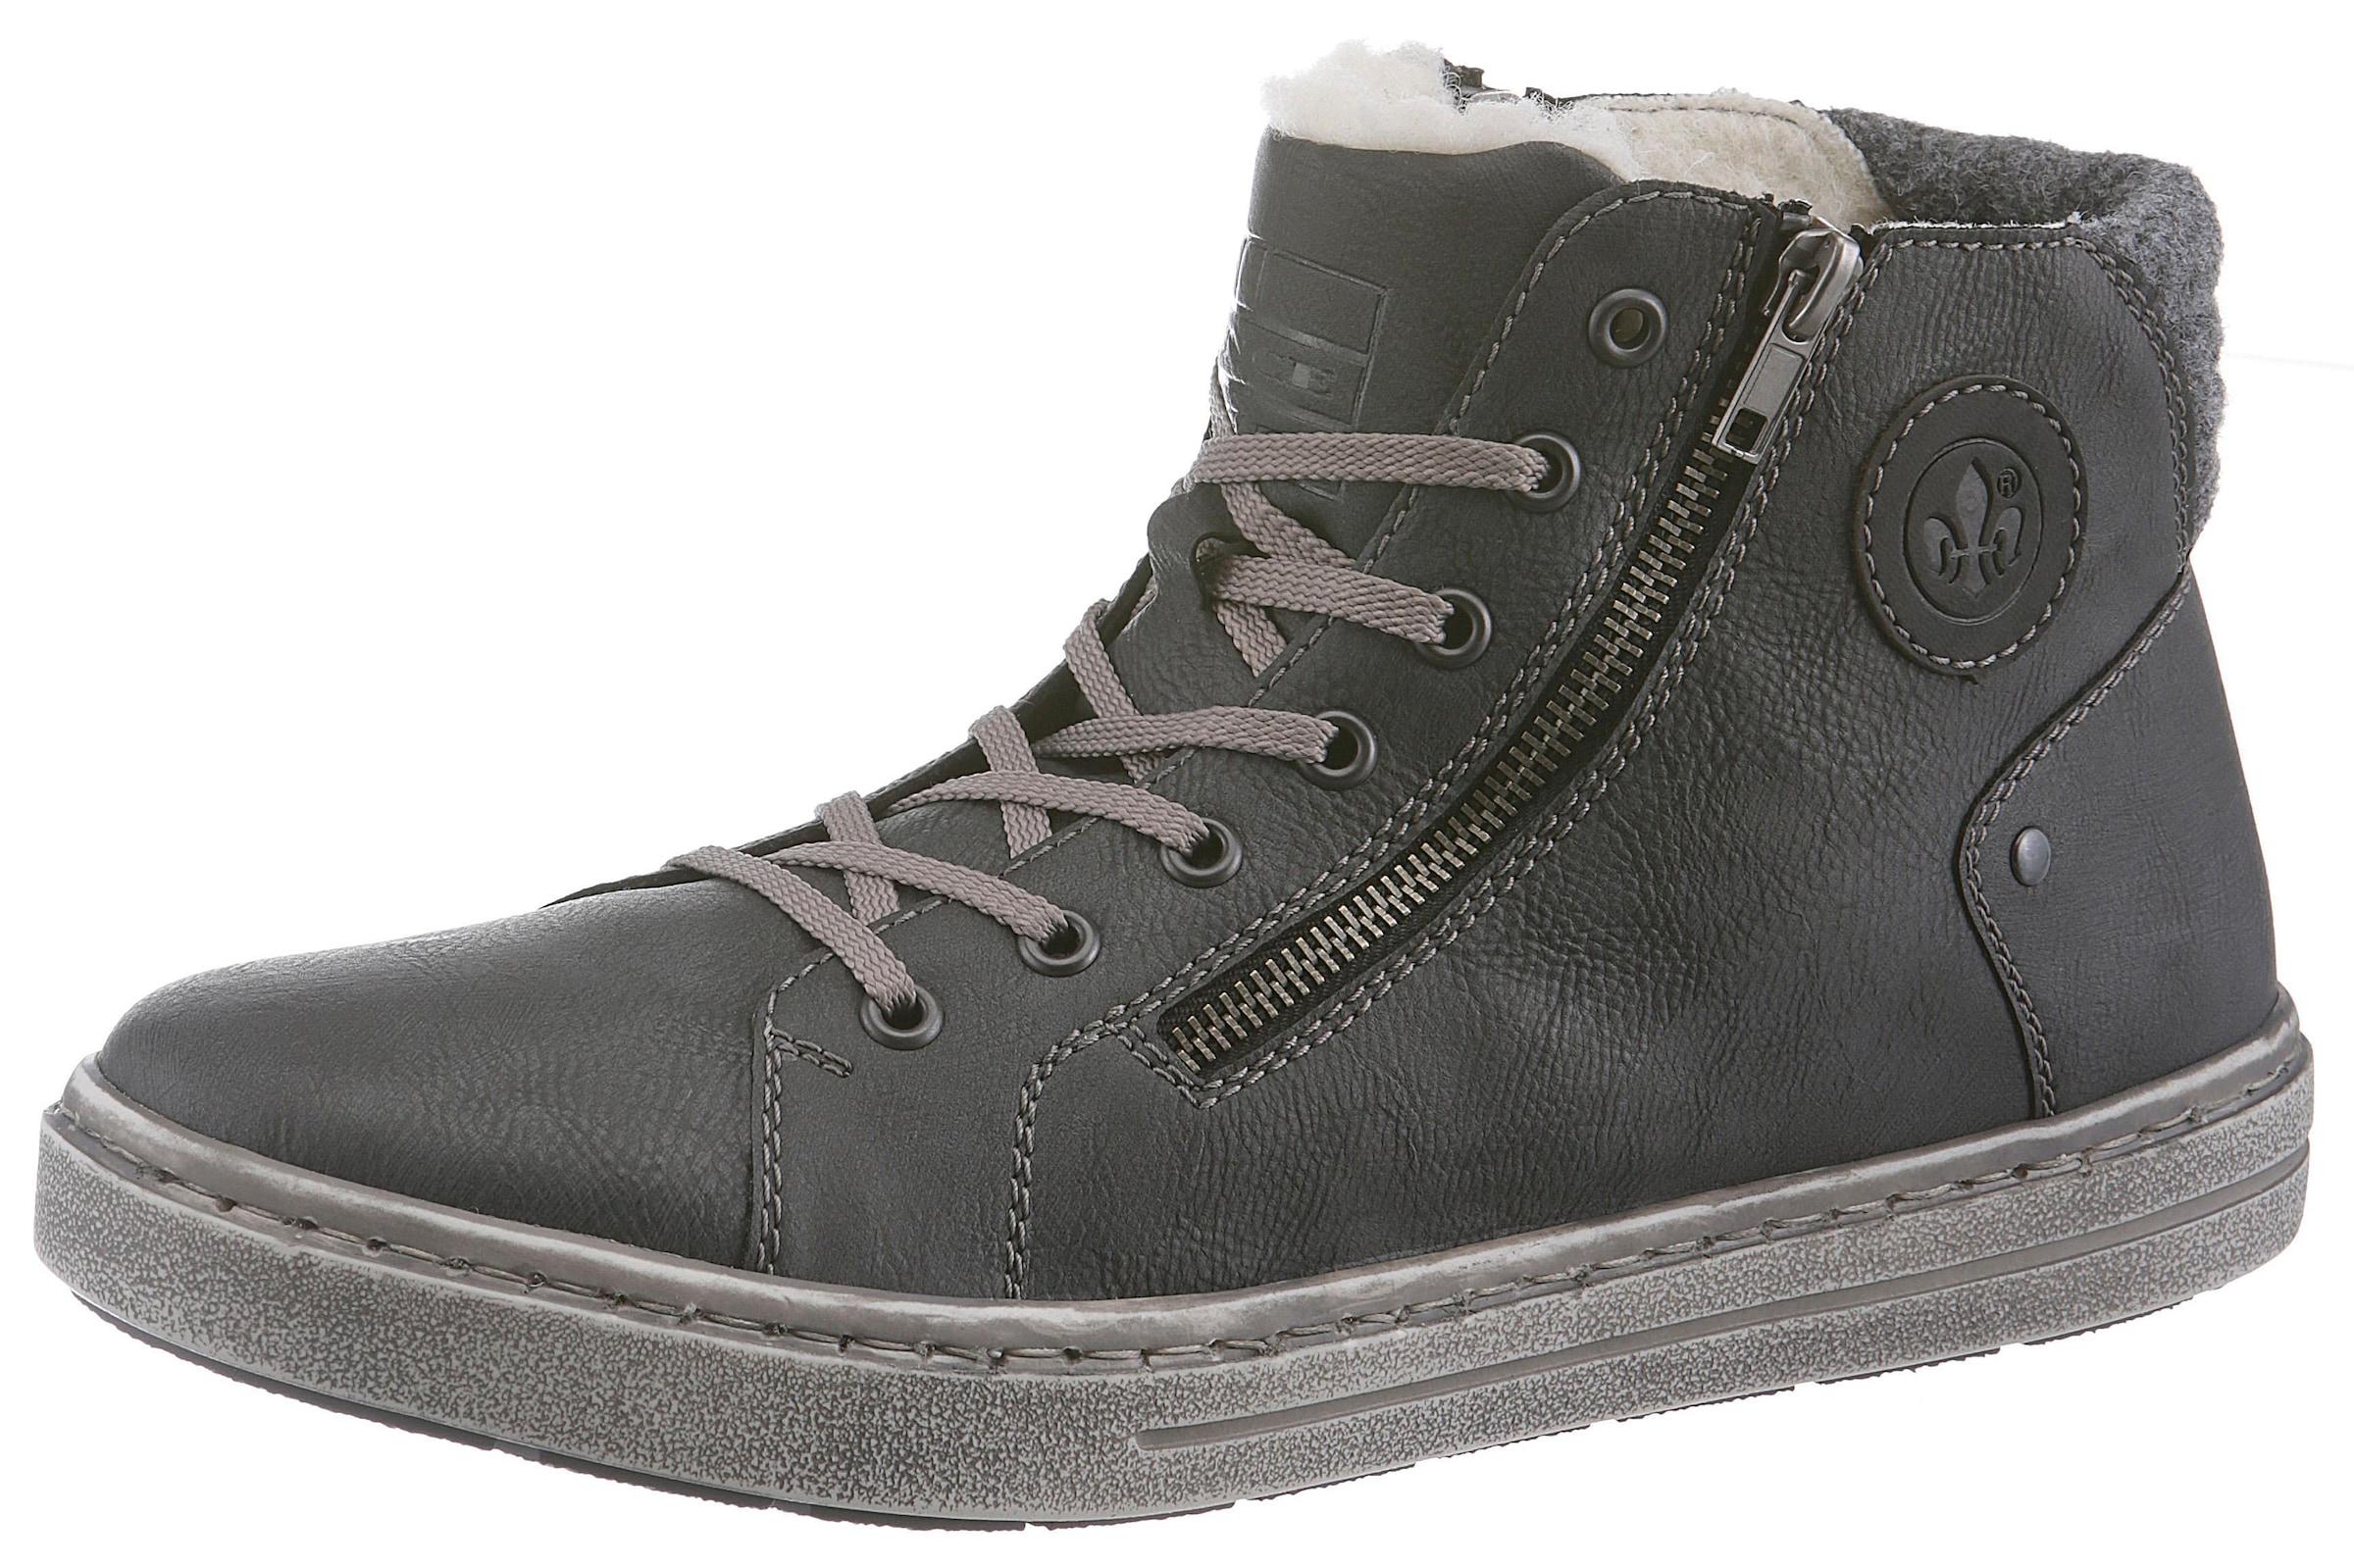 Rieker Sneaker bestellen | BAUR D2p6f